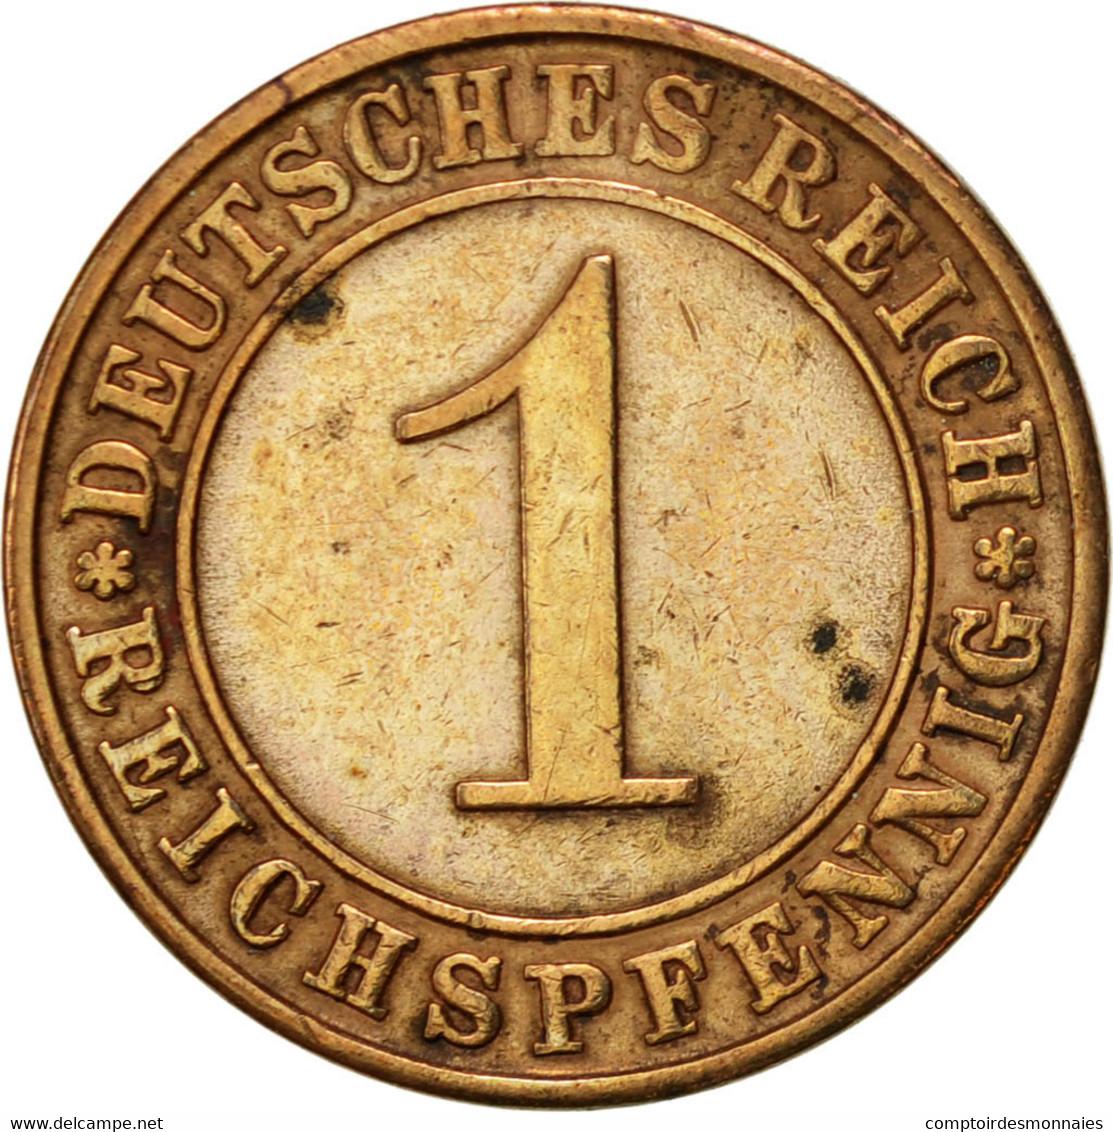 Allemagne, République De Weimar, Reichspfennig, 1931, Berlin, TTB, Bronze - 1 Rentenpfennig & 1 Reichspfennig